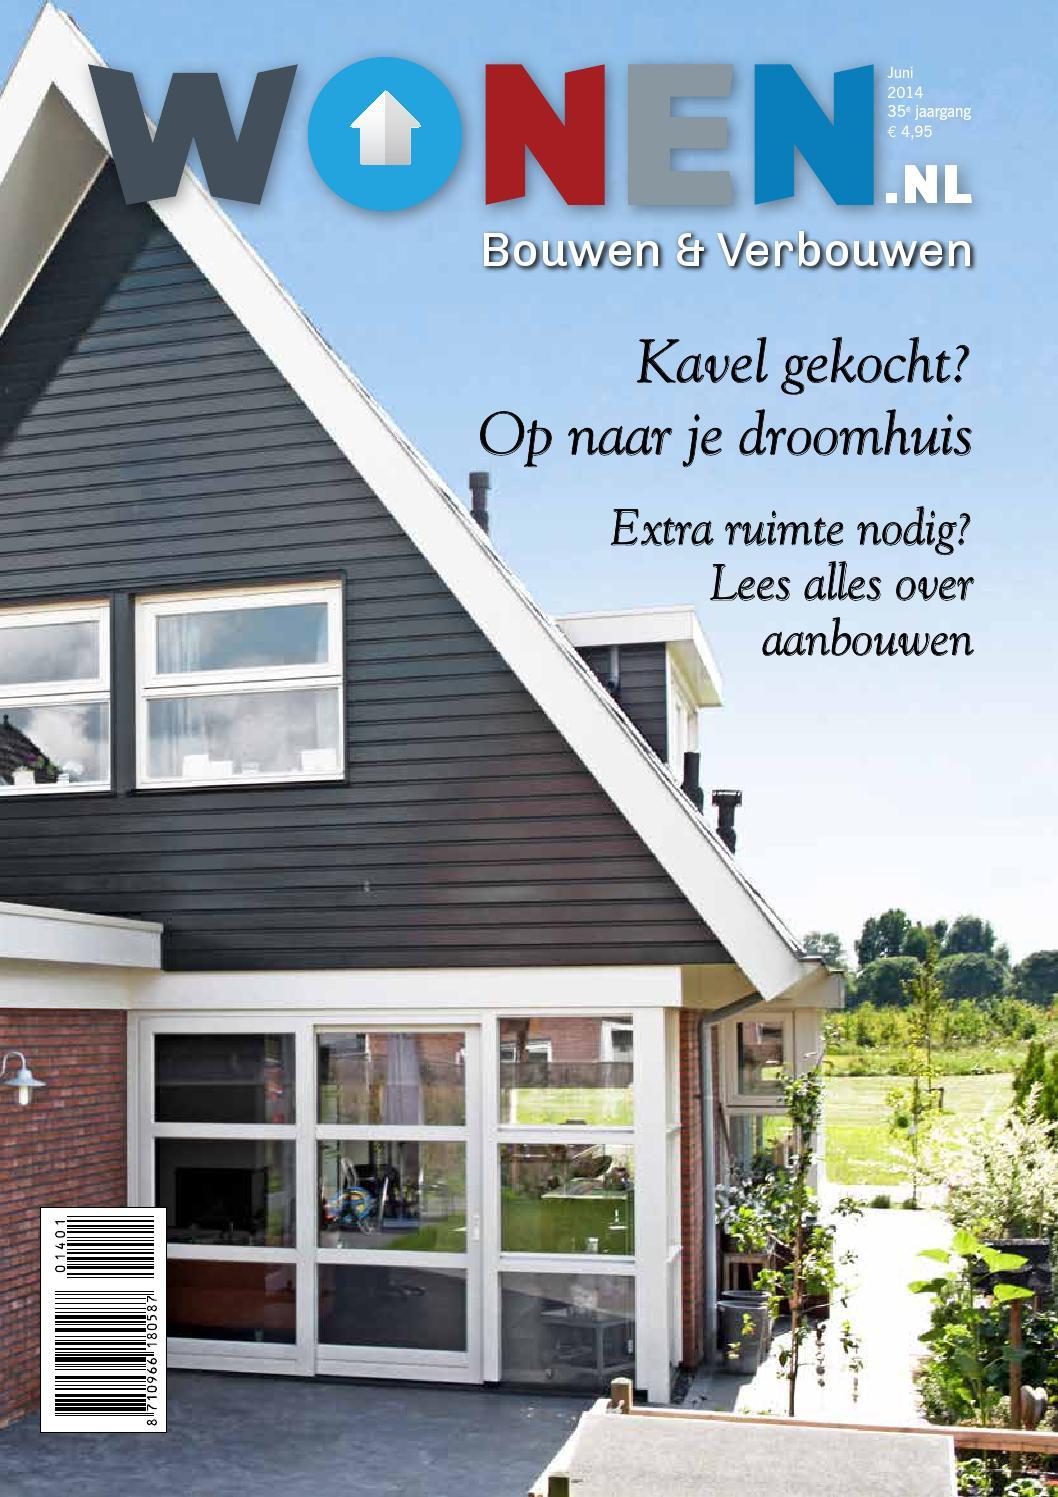 Wonen.nl   bouwen & verbouwen by wonen media   issuu